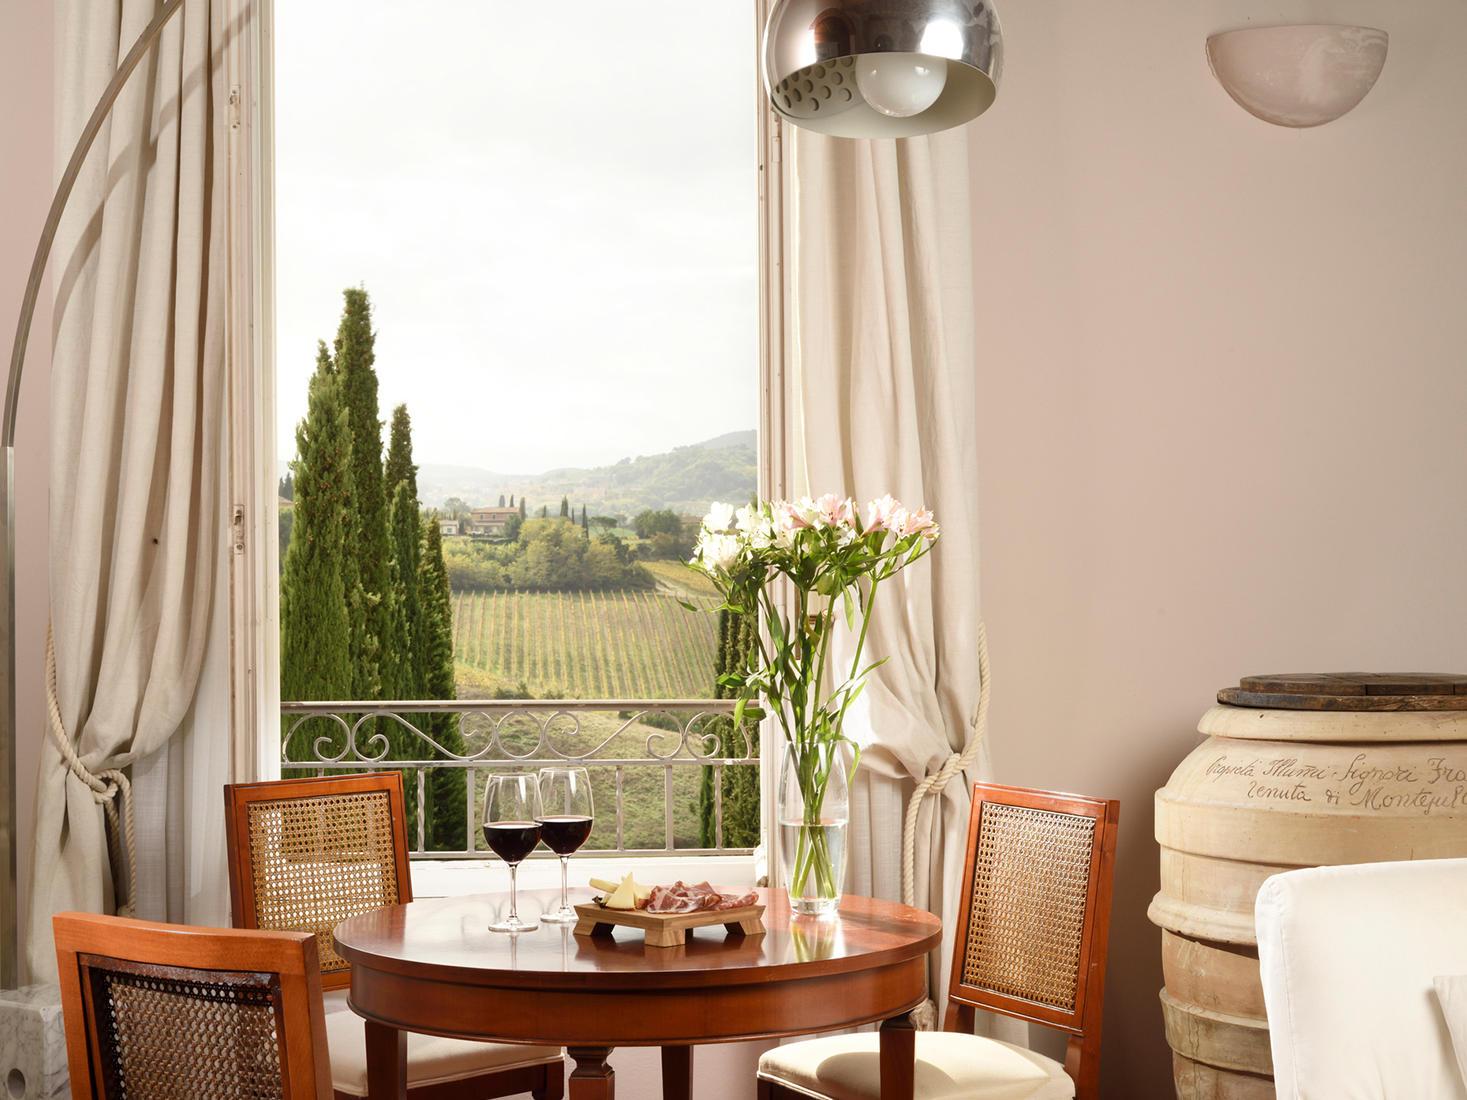 Suite Living | Relais Villa Grazianella